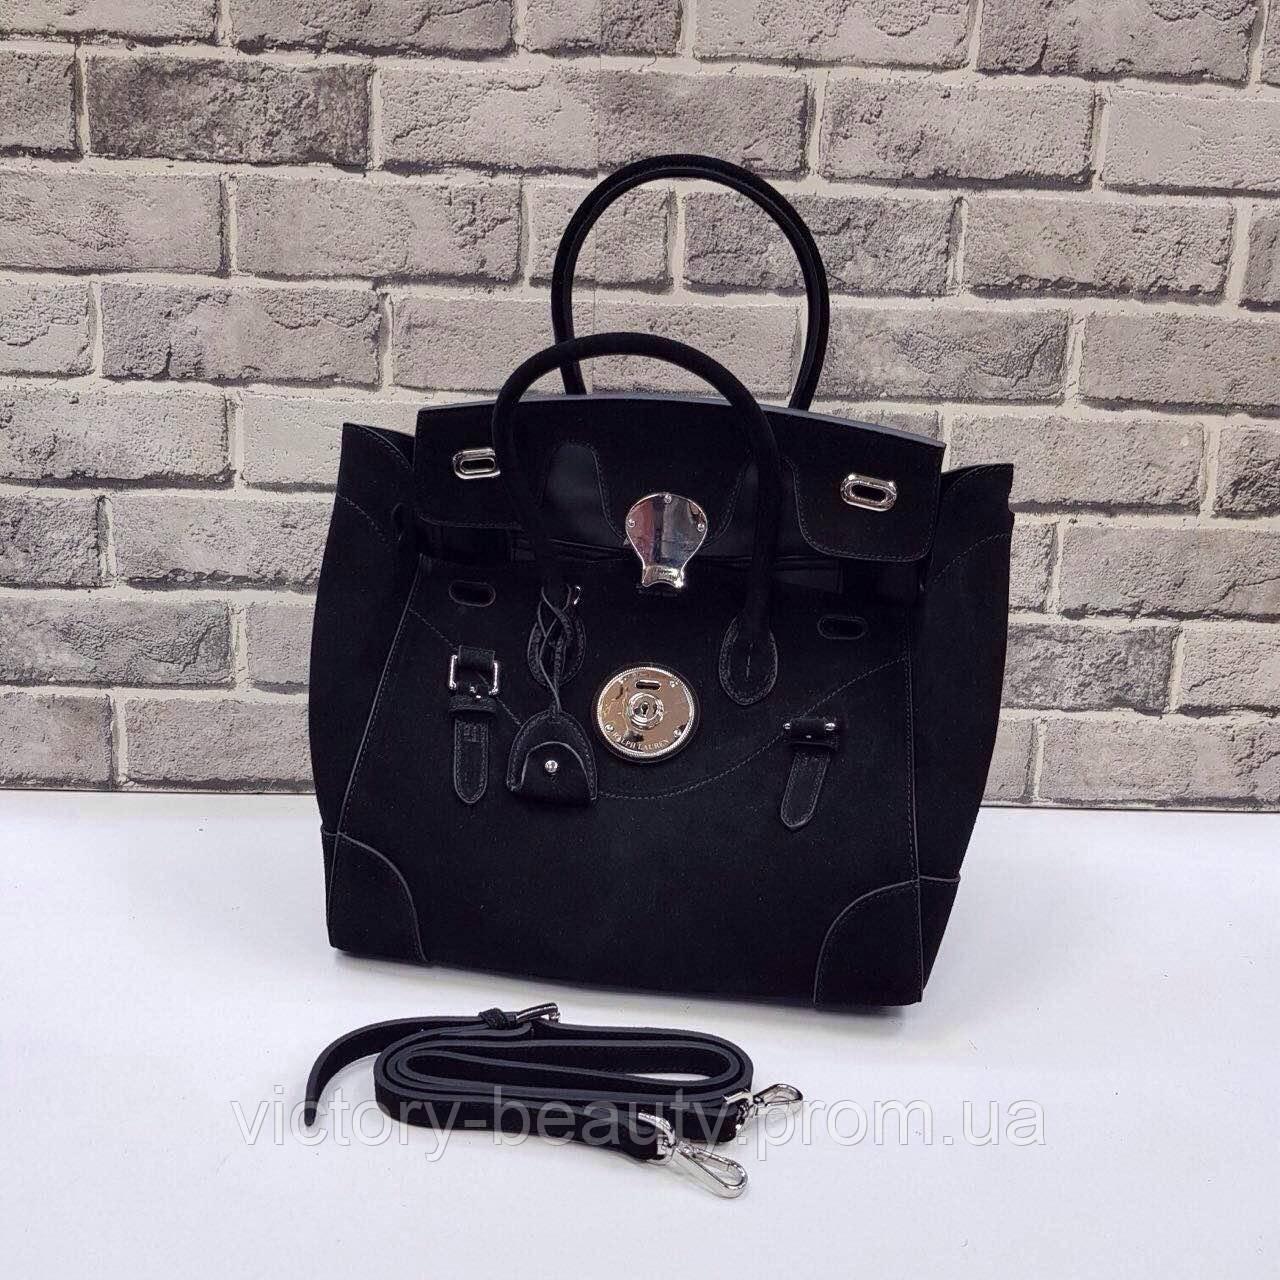 1eb183308e82 Сумка копия люкс Ralph Lauren  продажа, цена в Харькове. женские ...